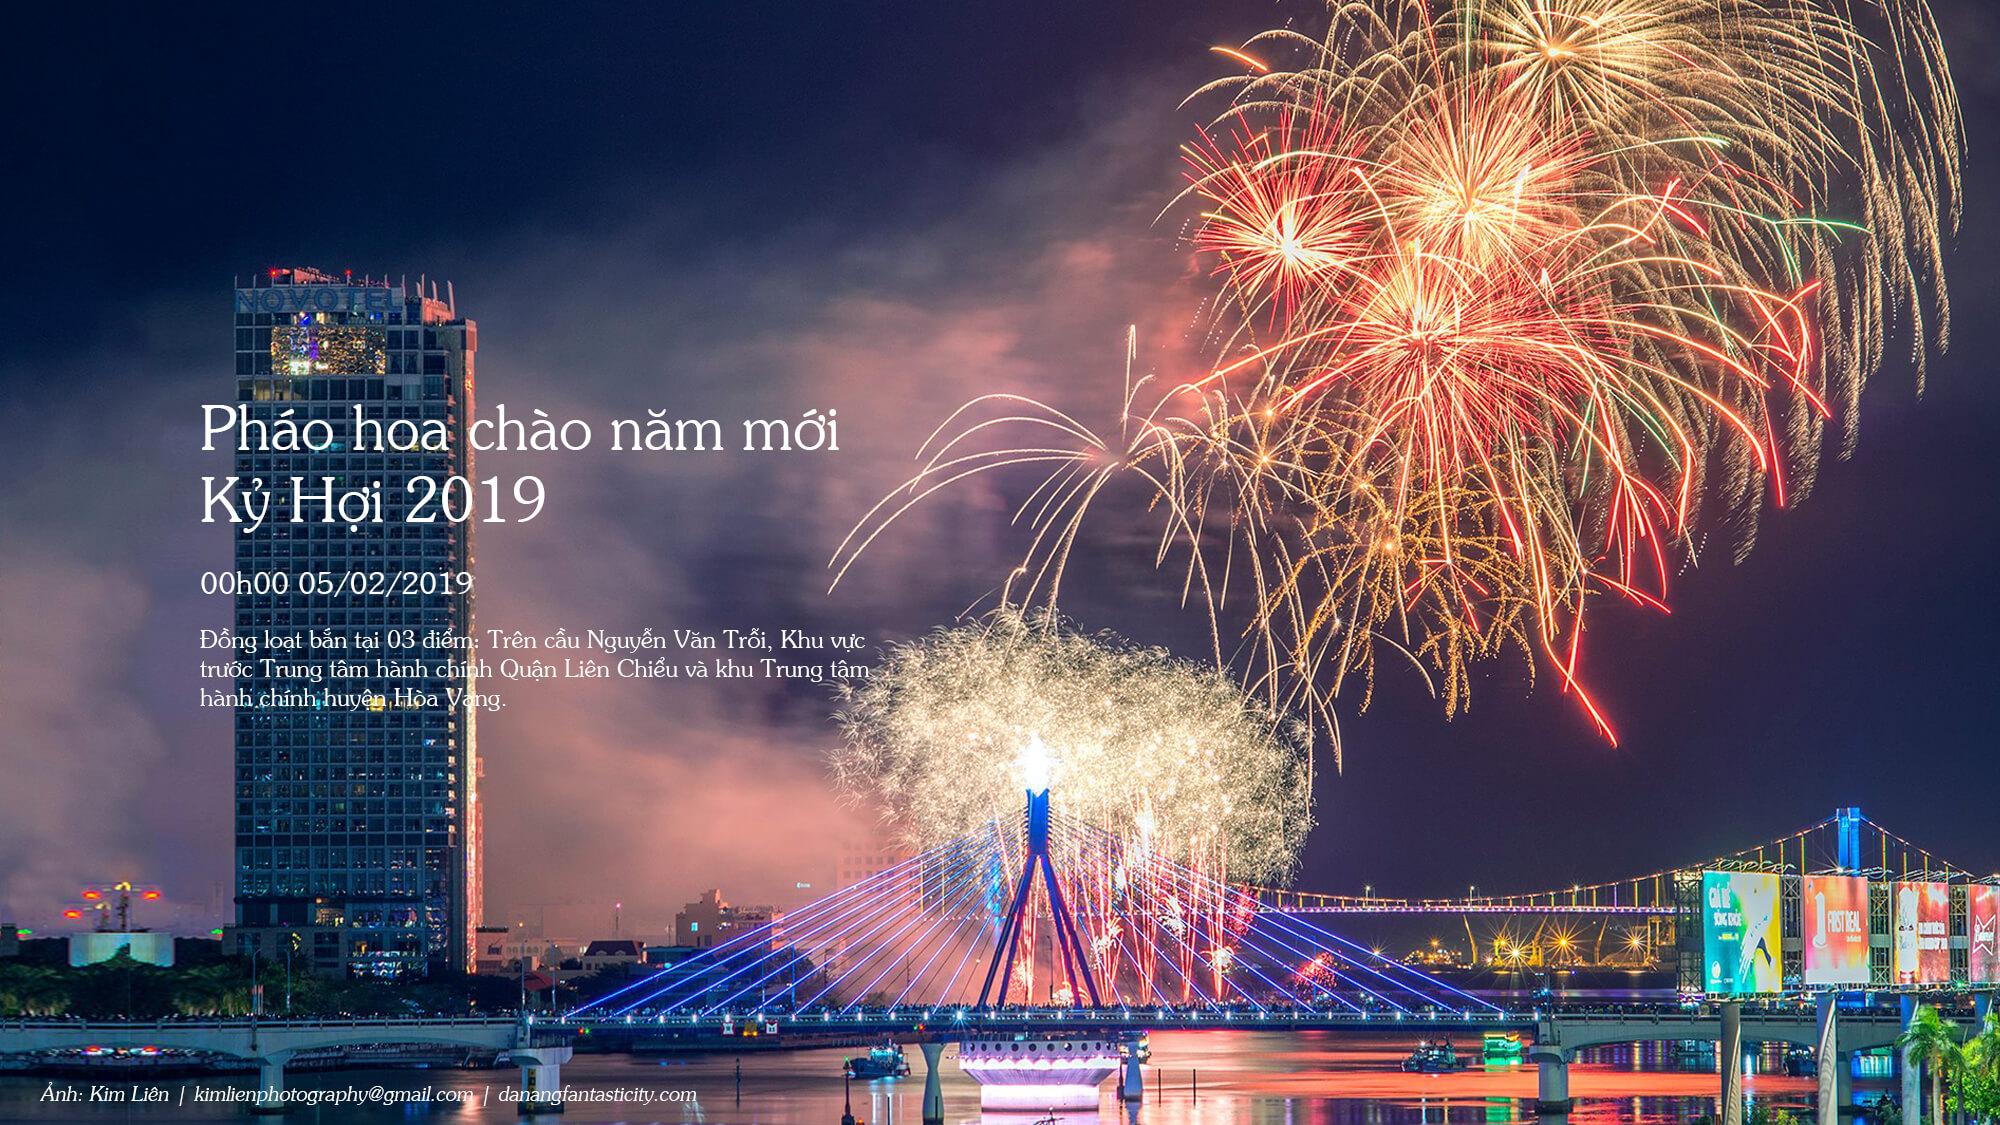 Top sự kiện nổi bật Đà Nẵng 2019 - BẮN PHÁO HOA CHÀO NĂM MỚI KỶ HỢI 2019